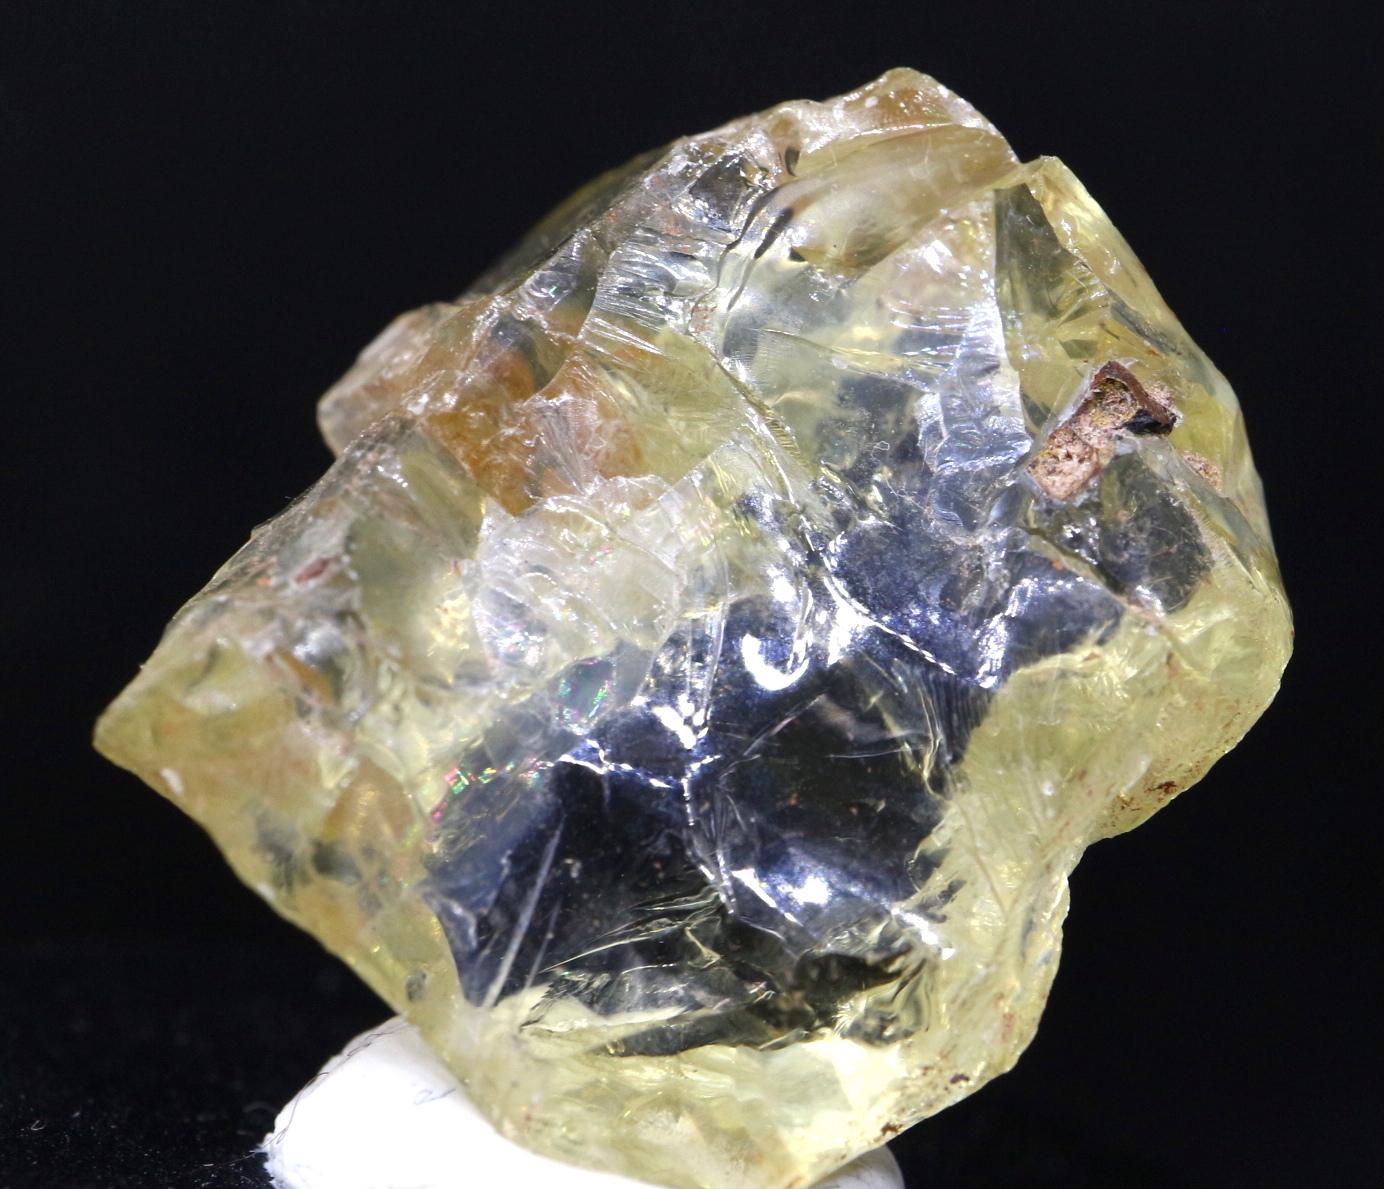 オレゴン サンストーン  4,7g SUN033  鉱物 天然石 原石